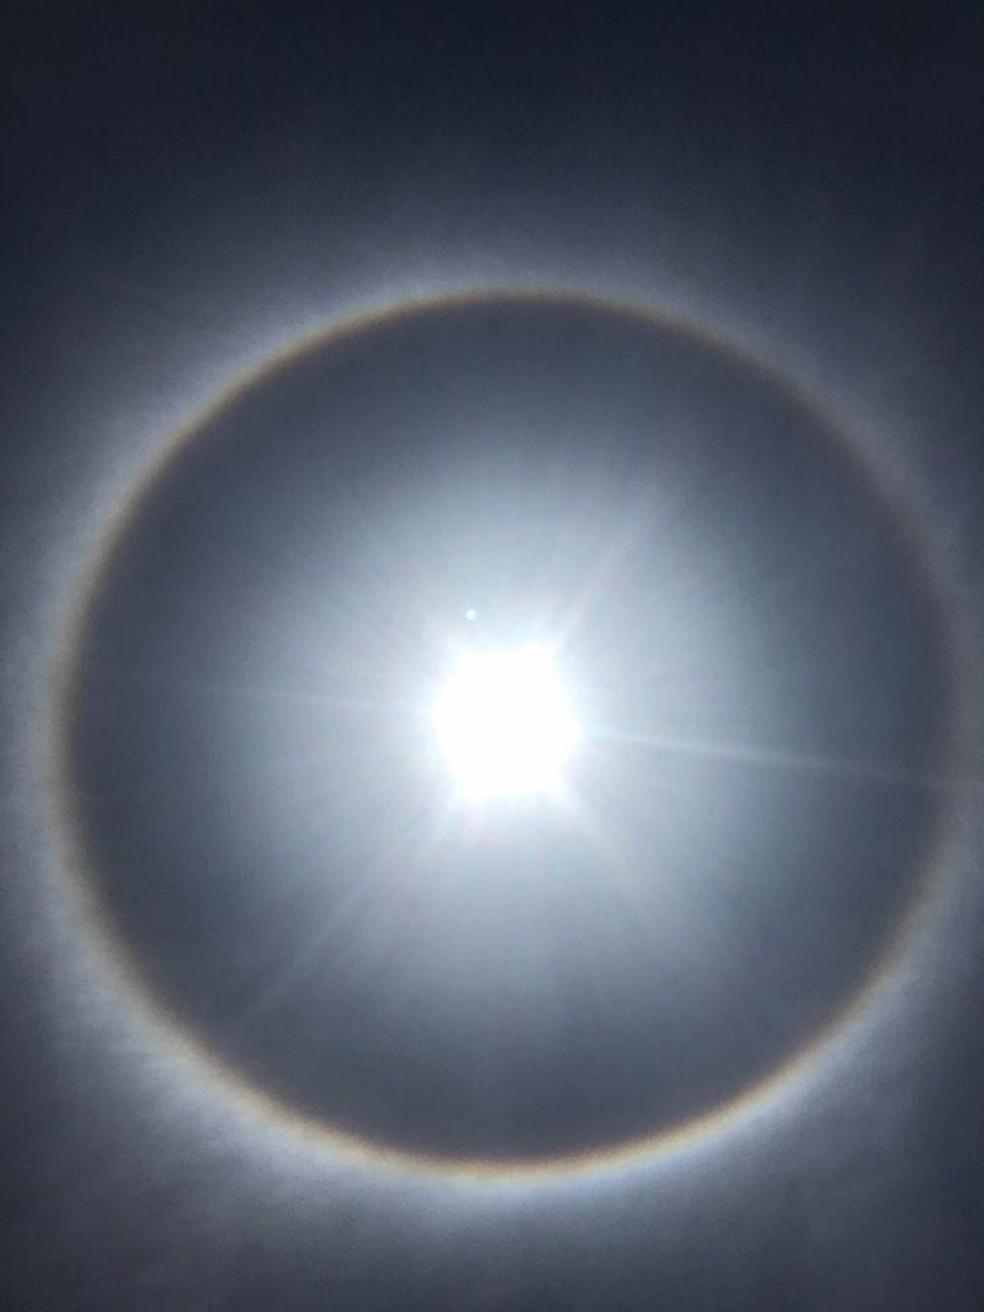 Fenômeno é semelhante ao arco-íris, pois é causada pelo reflexo de raios de sol em cristais de gelo. Foto foi tirada em Ibiraiaras — Foto: Eduarda Lia Zanchet